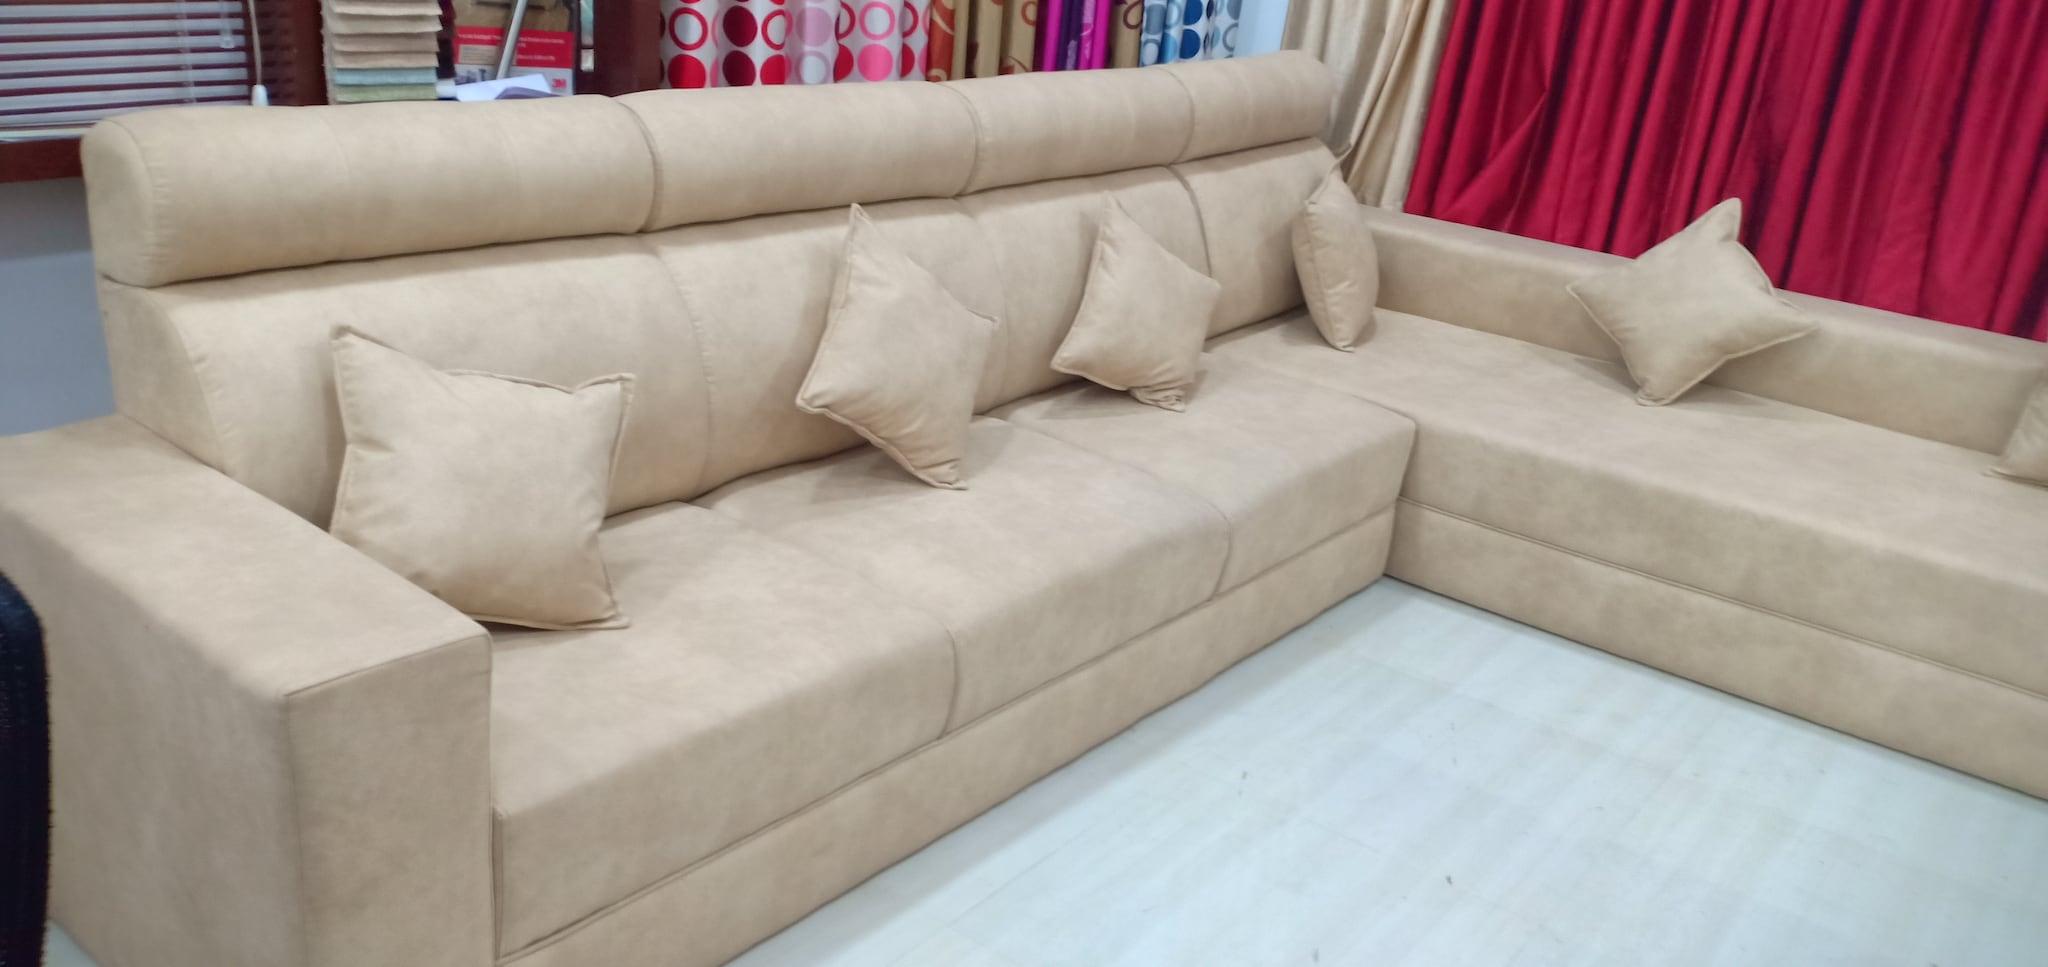 Top 30 Sofa Set Repair Services In Ernakulam Best Sofa Set